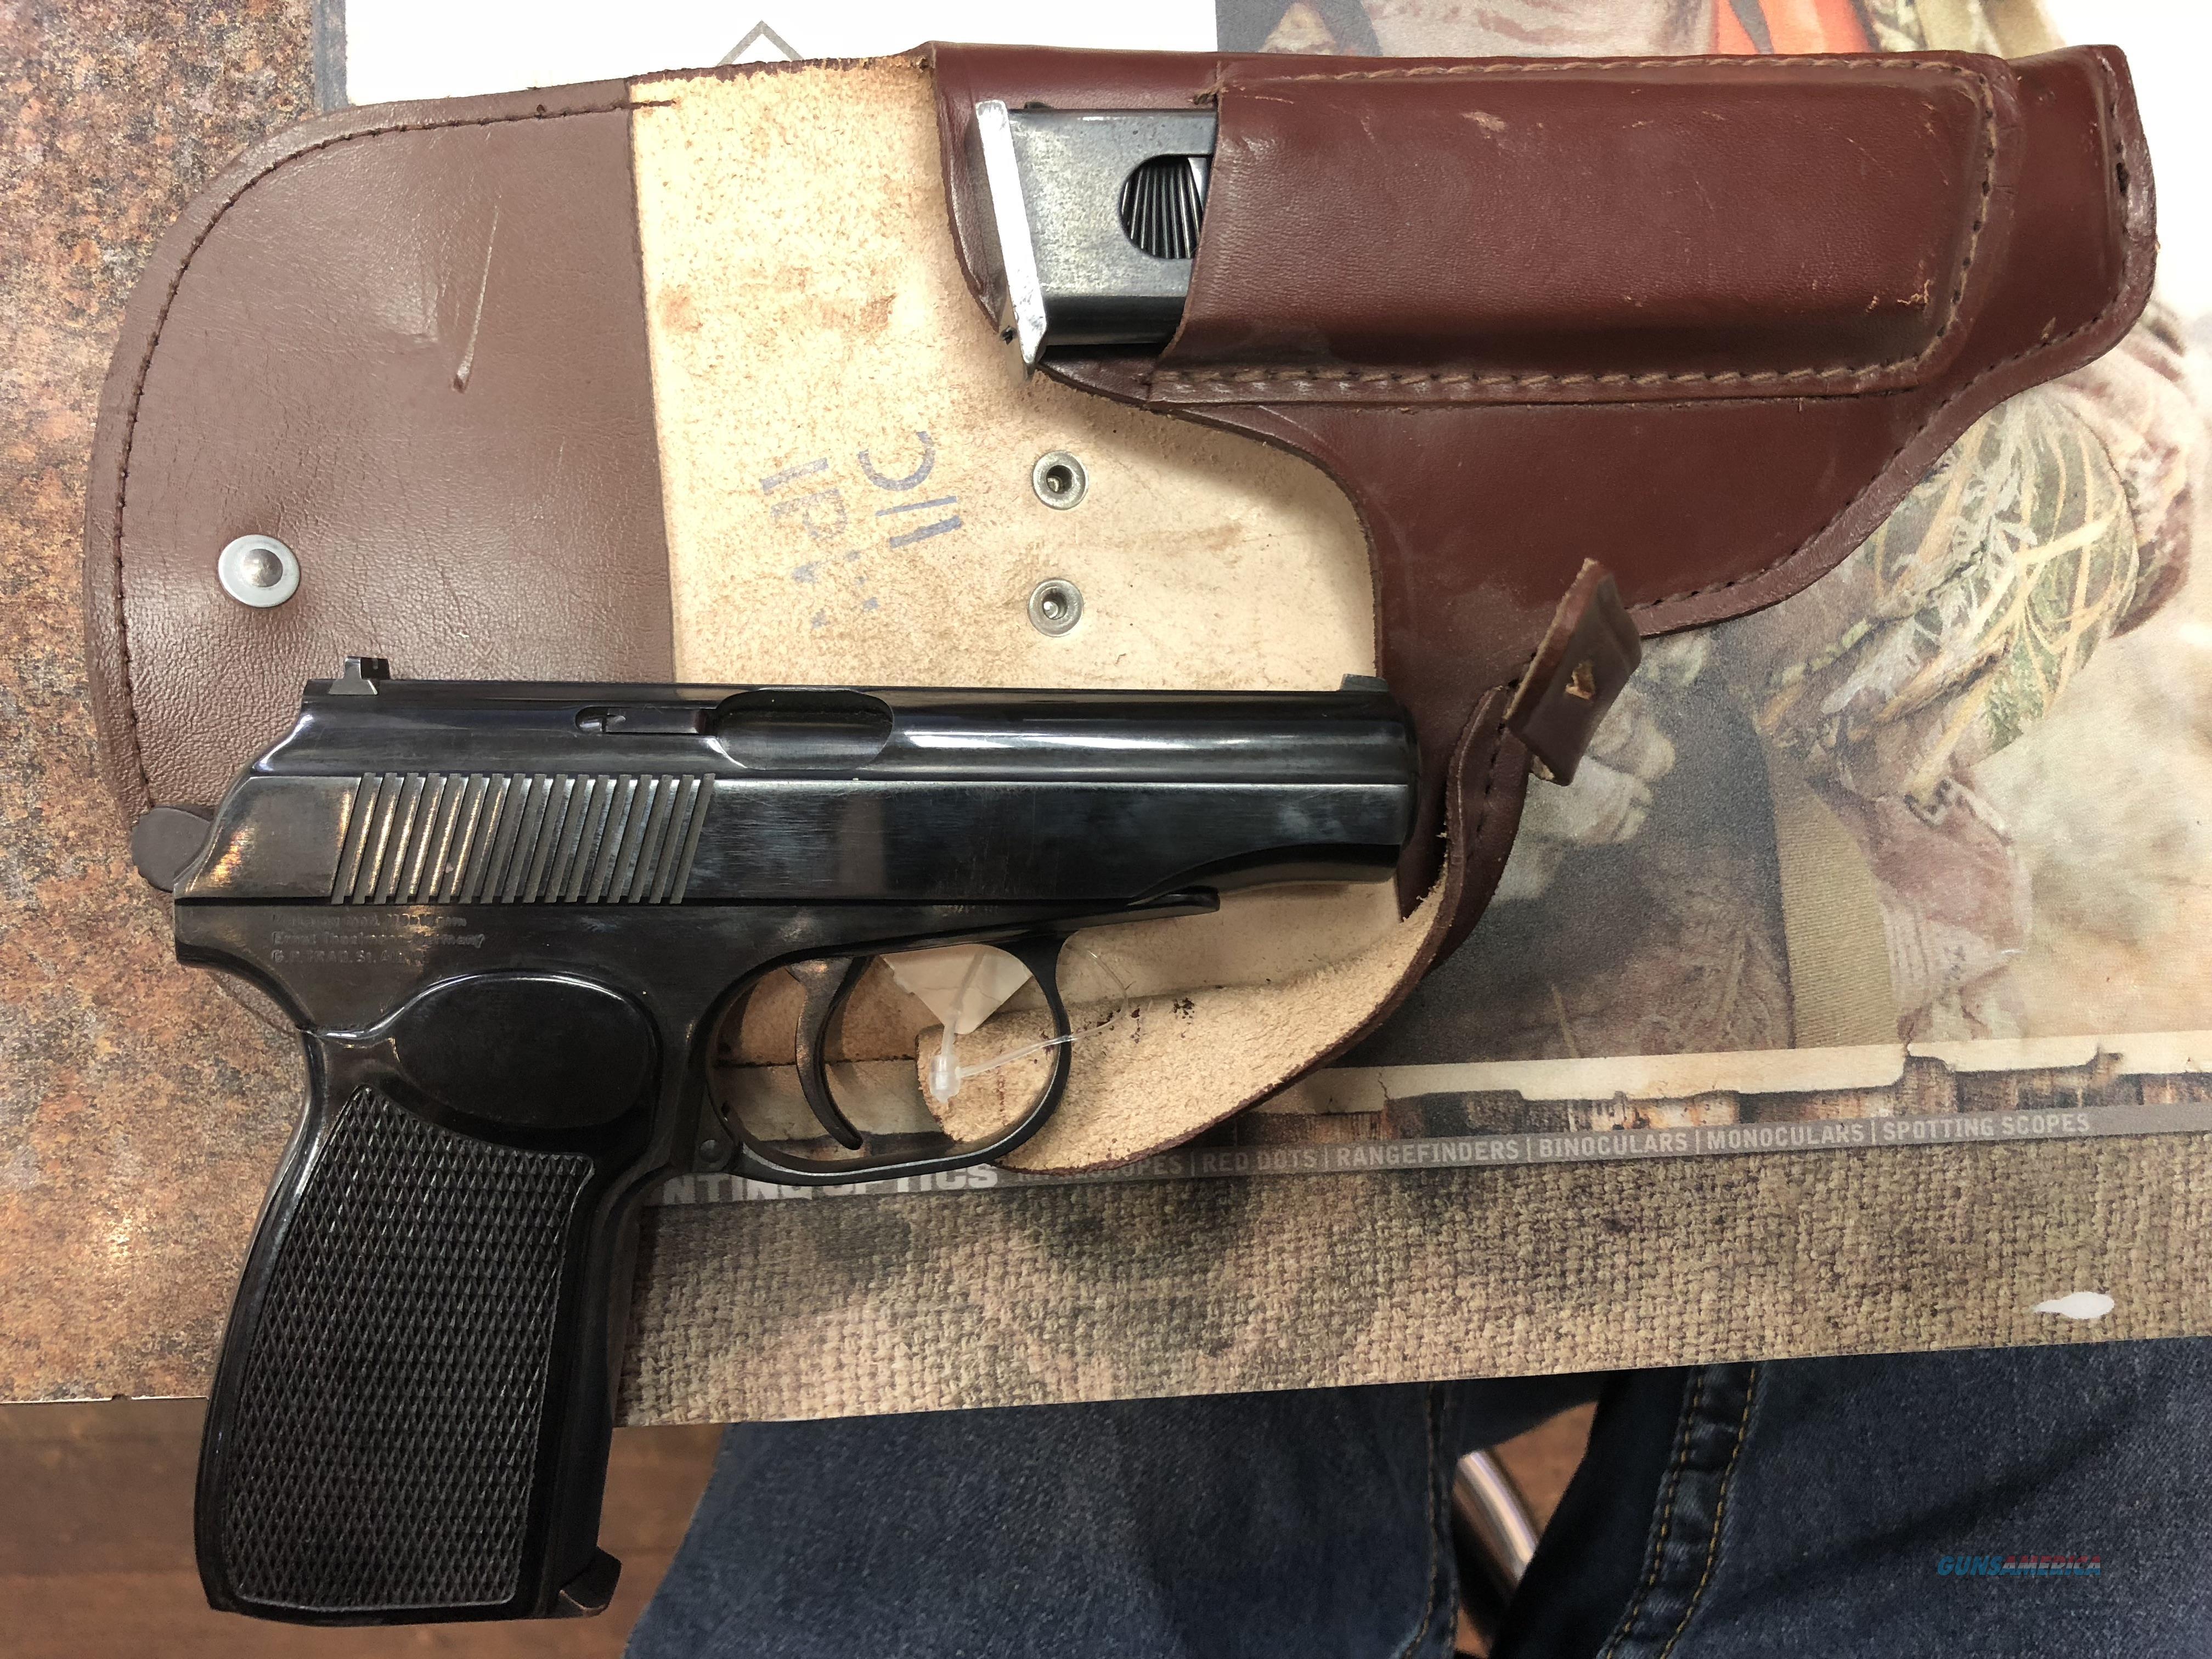 Ernst Thaelmann - Made in Germany 64  Guns > Pistols > E Misc Pistols